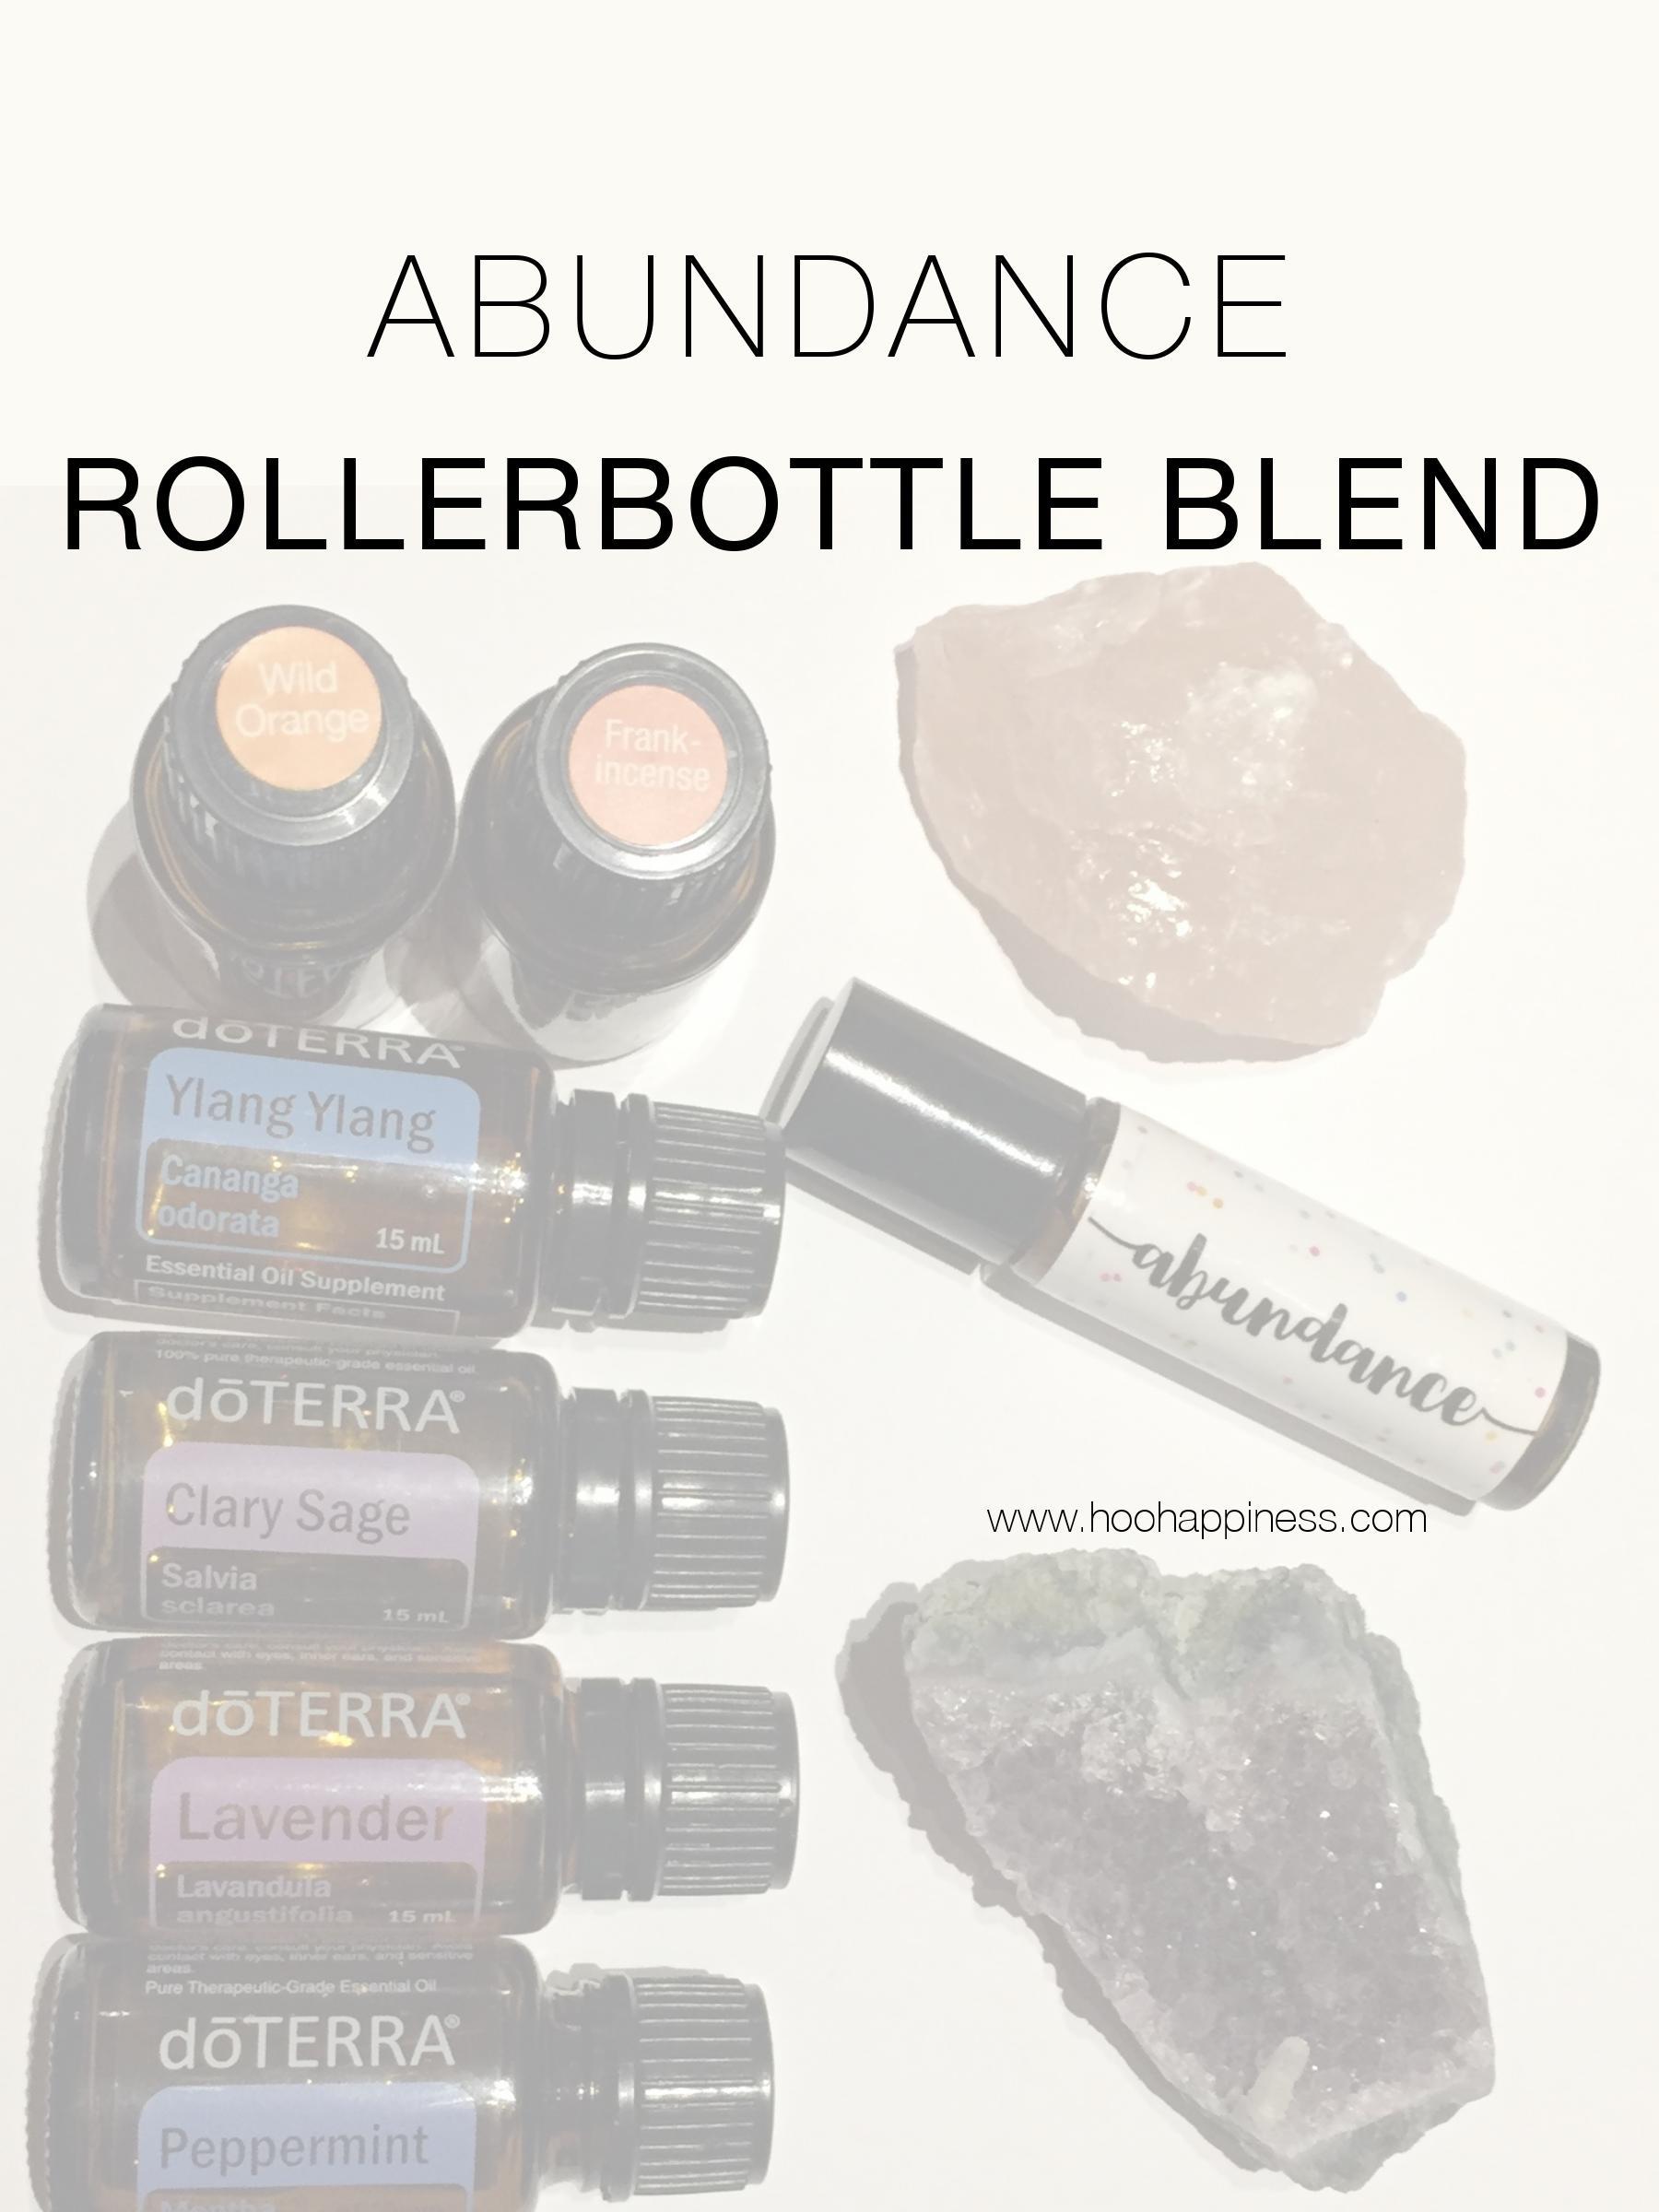 Abundance Rollerbottle Blend + Affirmation